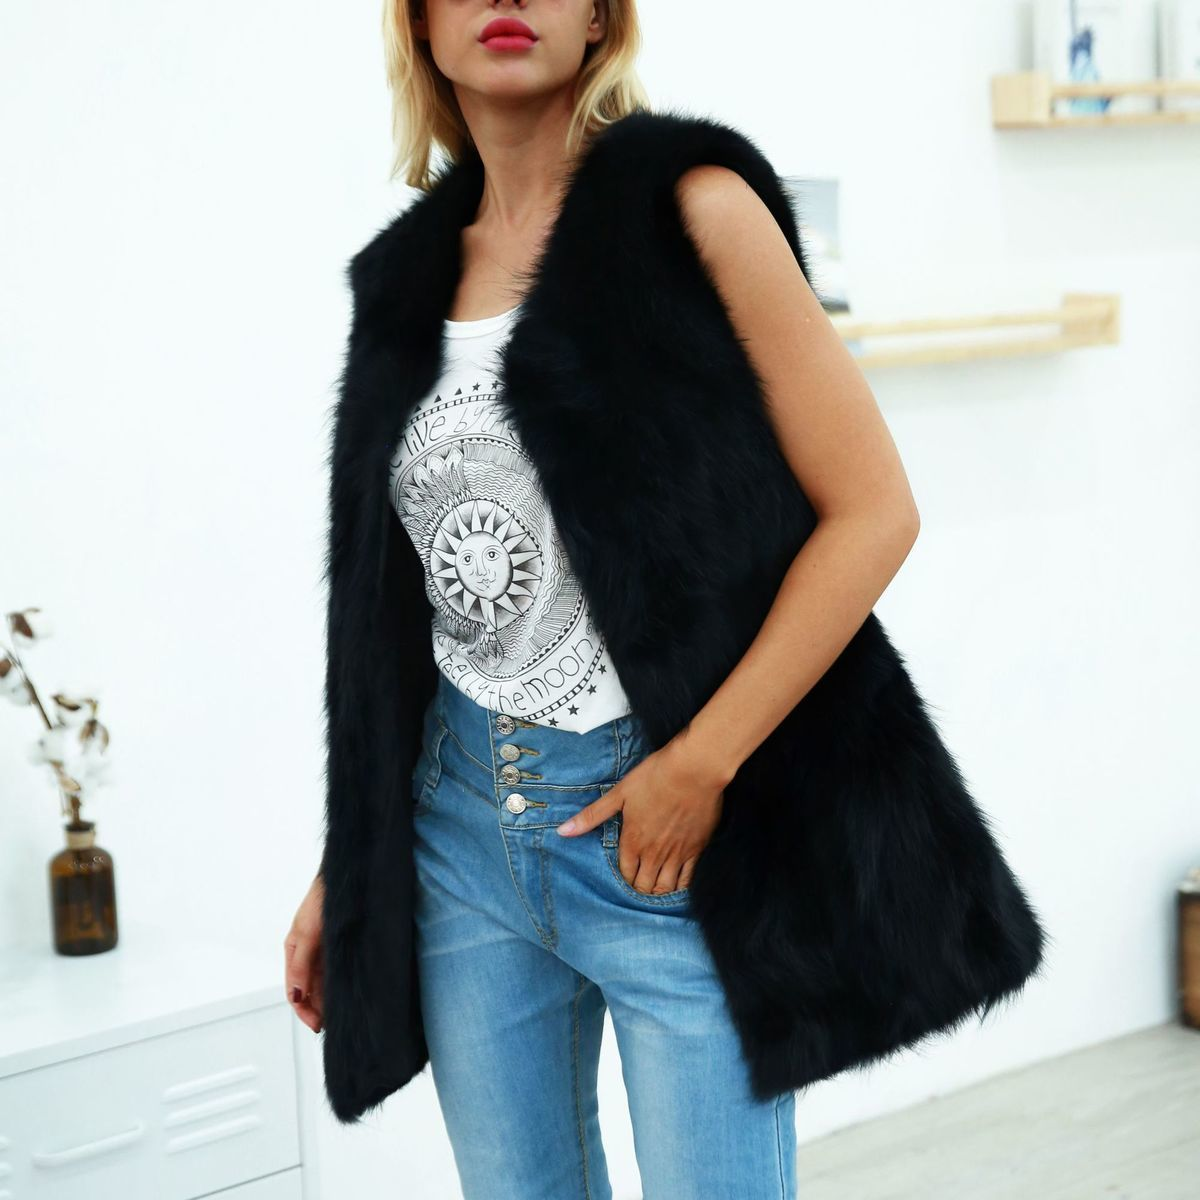 Imitation Fur Coats Vest Plus Size Winter Women s Faux Fur Vest Thick Warm  Top Artificial Fur f0f1033ed9a1